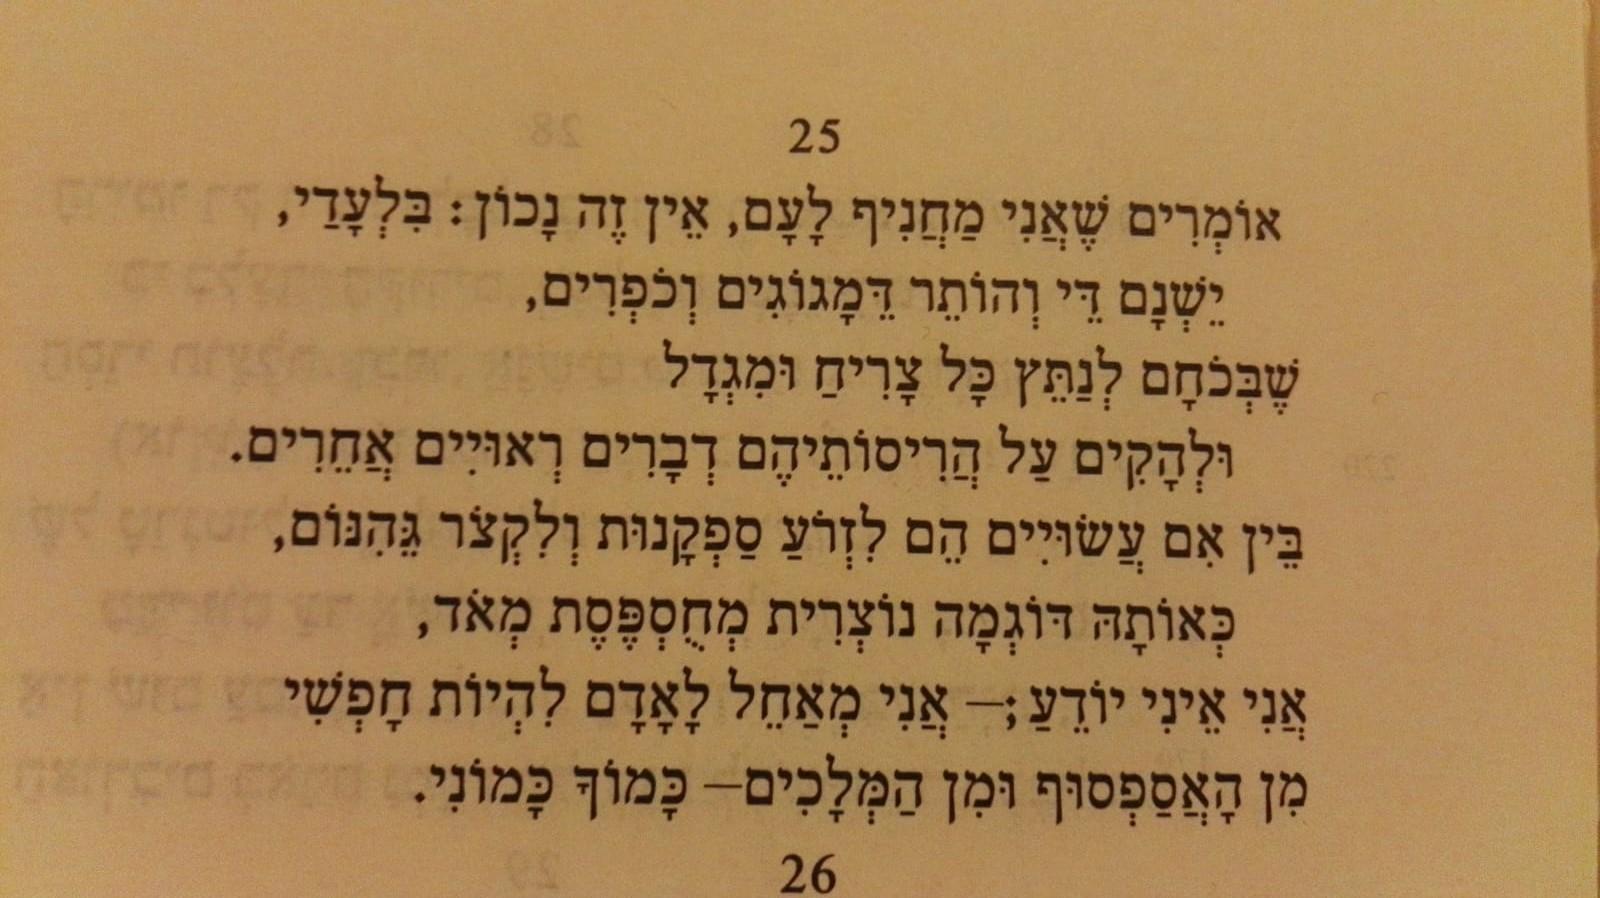 Artwork from the book - תות אנך אמנון – וקוסינוס ליפשיץ אלפא by Yoged - יגודז